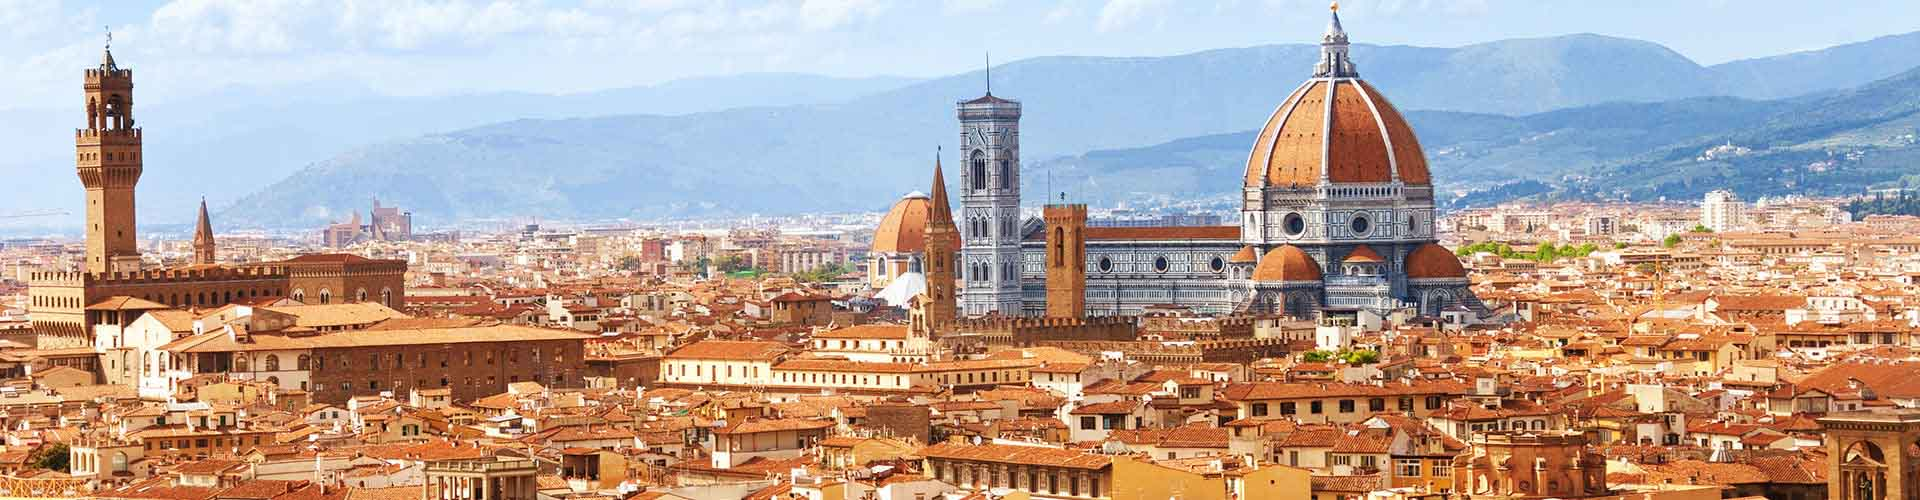 Florence - Chambres pas chères dans le quartier de Oltrarno. Cartes pour Florence, photos et commentaires pour chaque chambre à Florence.